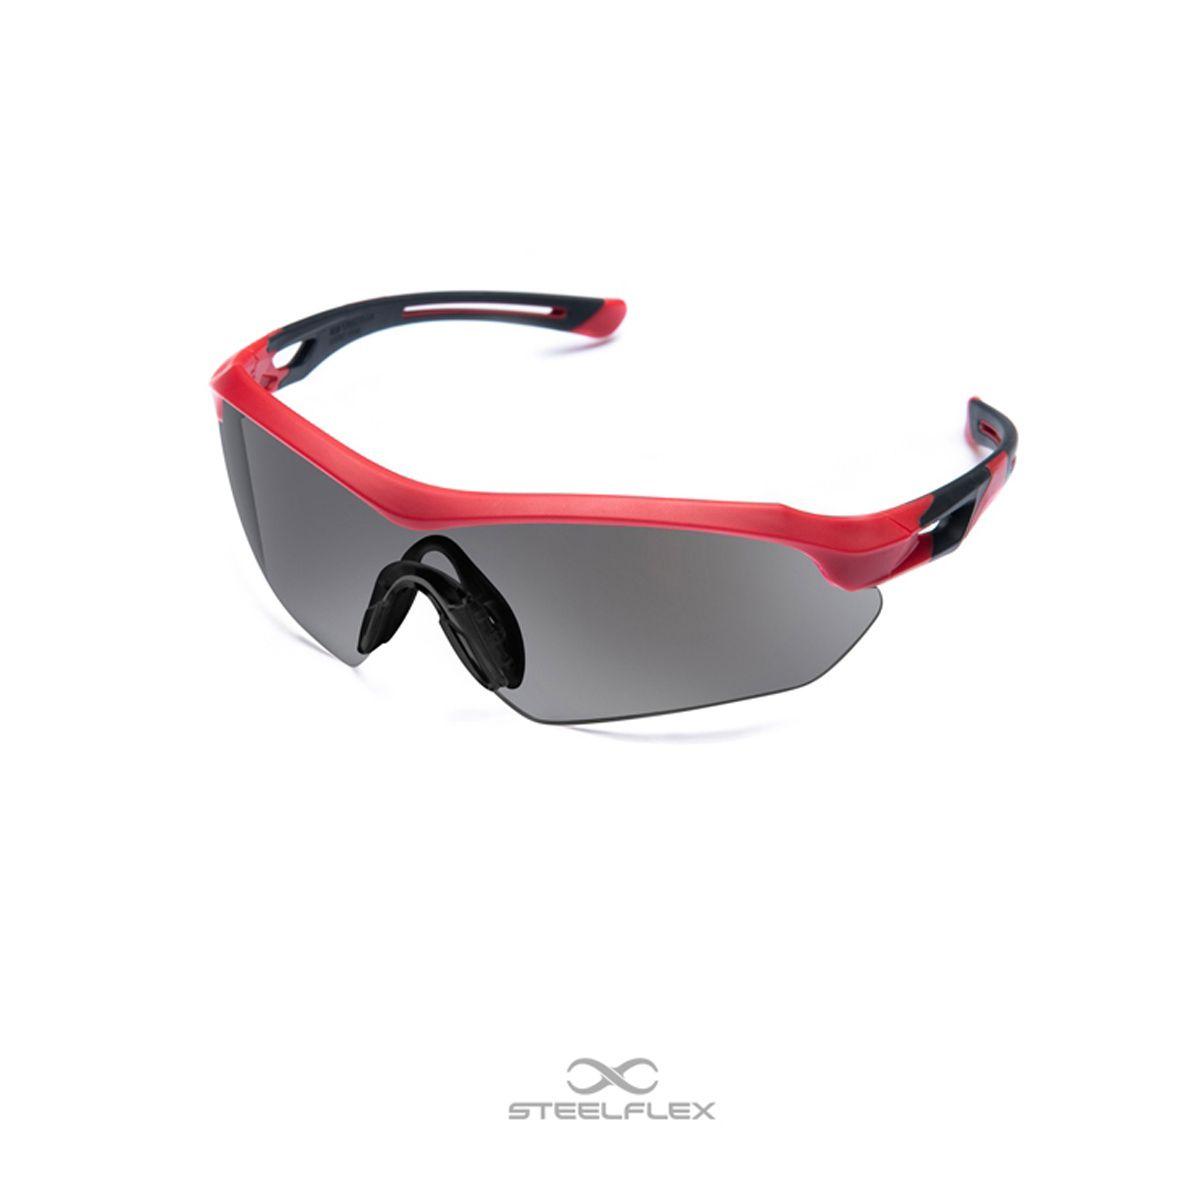 Óculos de Segurança Steelflex FLORENCE – Lente Cinza/Fumê